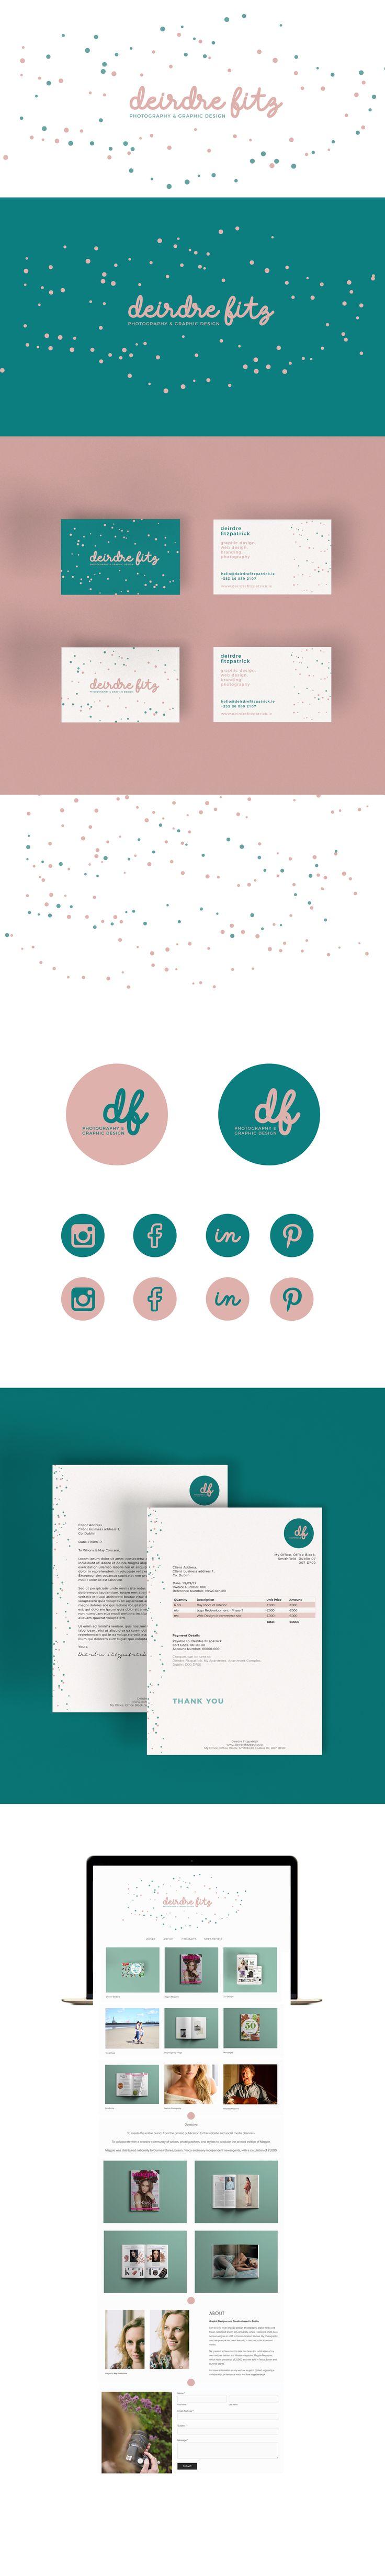 Die besten 25 Template for business cards Ideen auf Pinterest